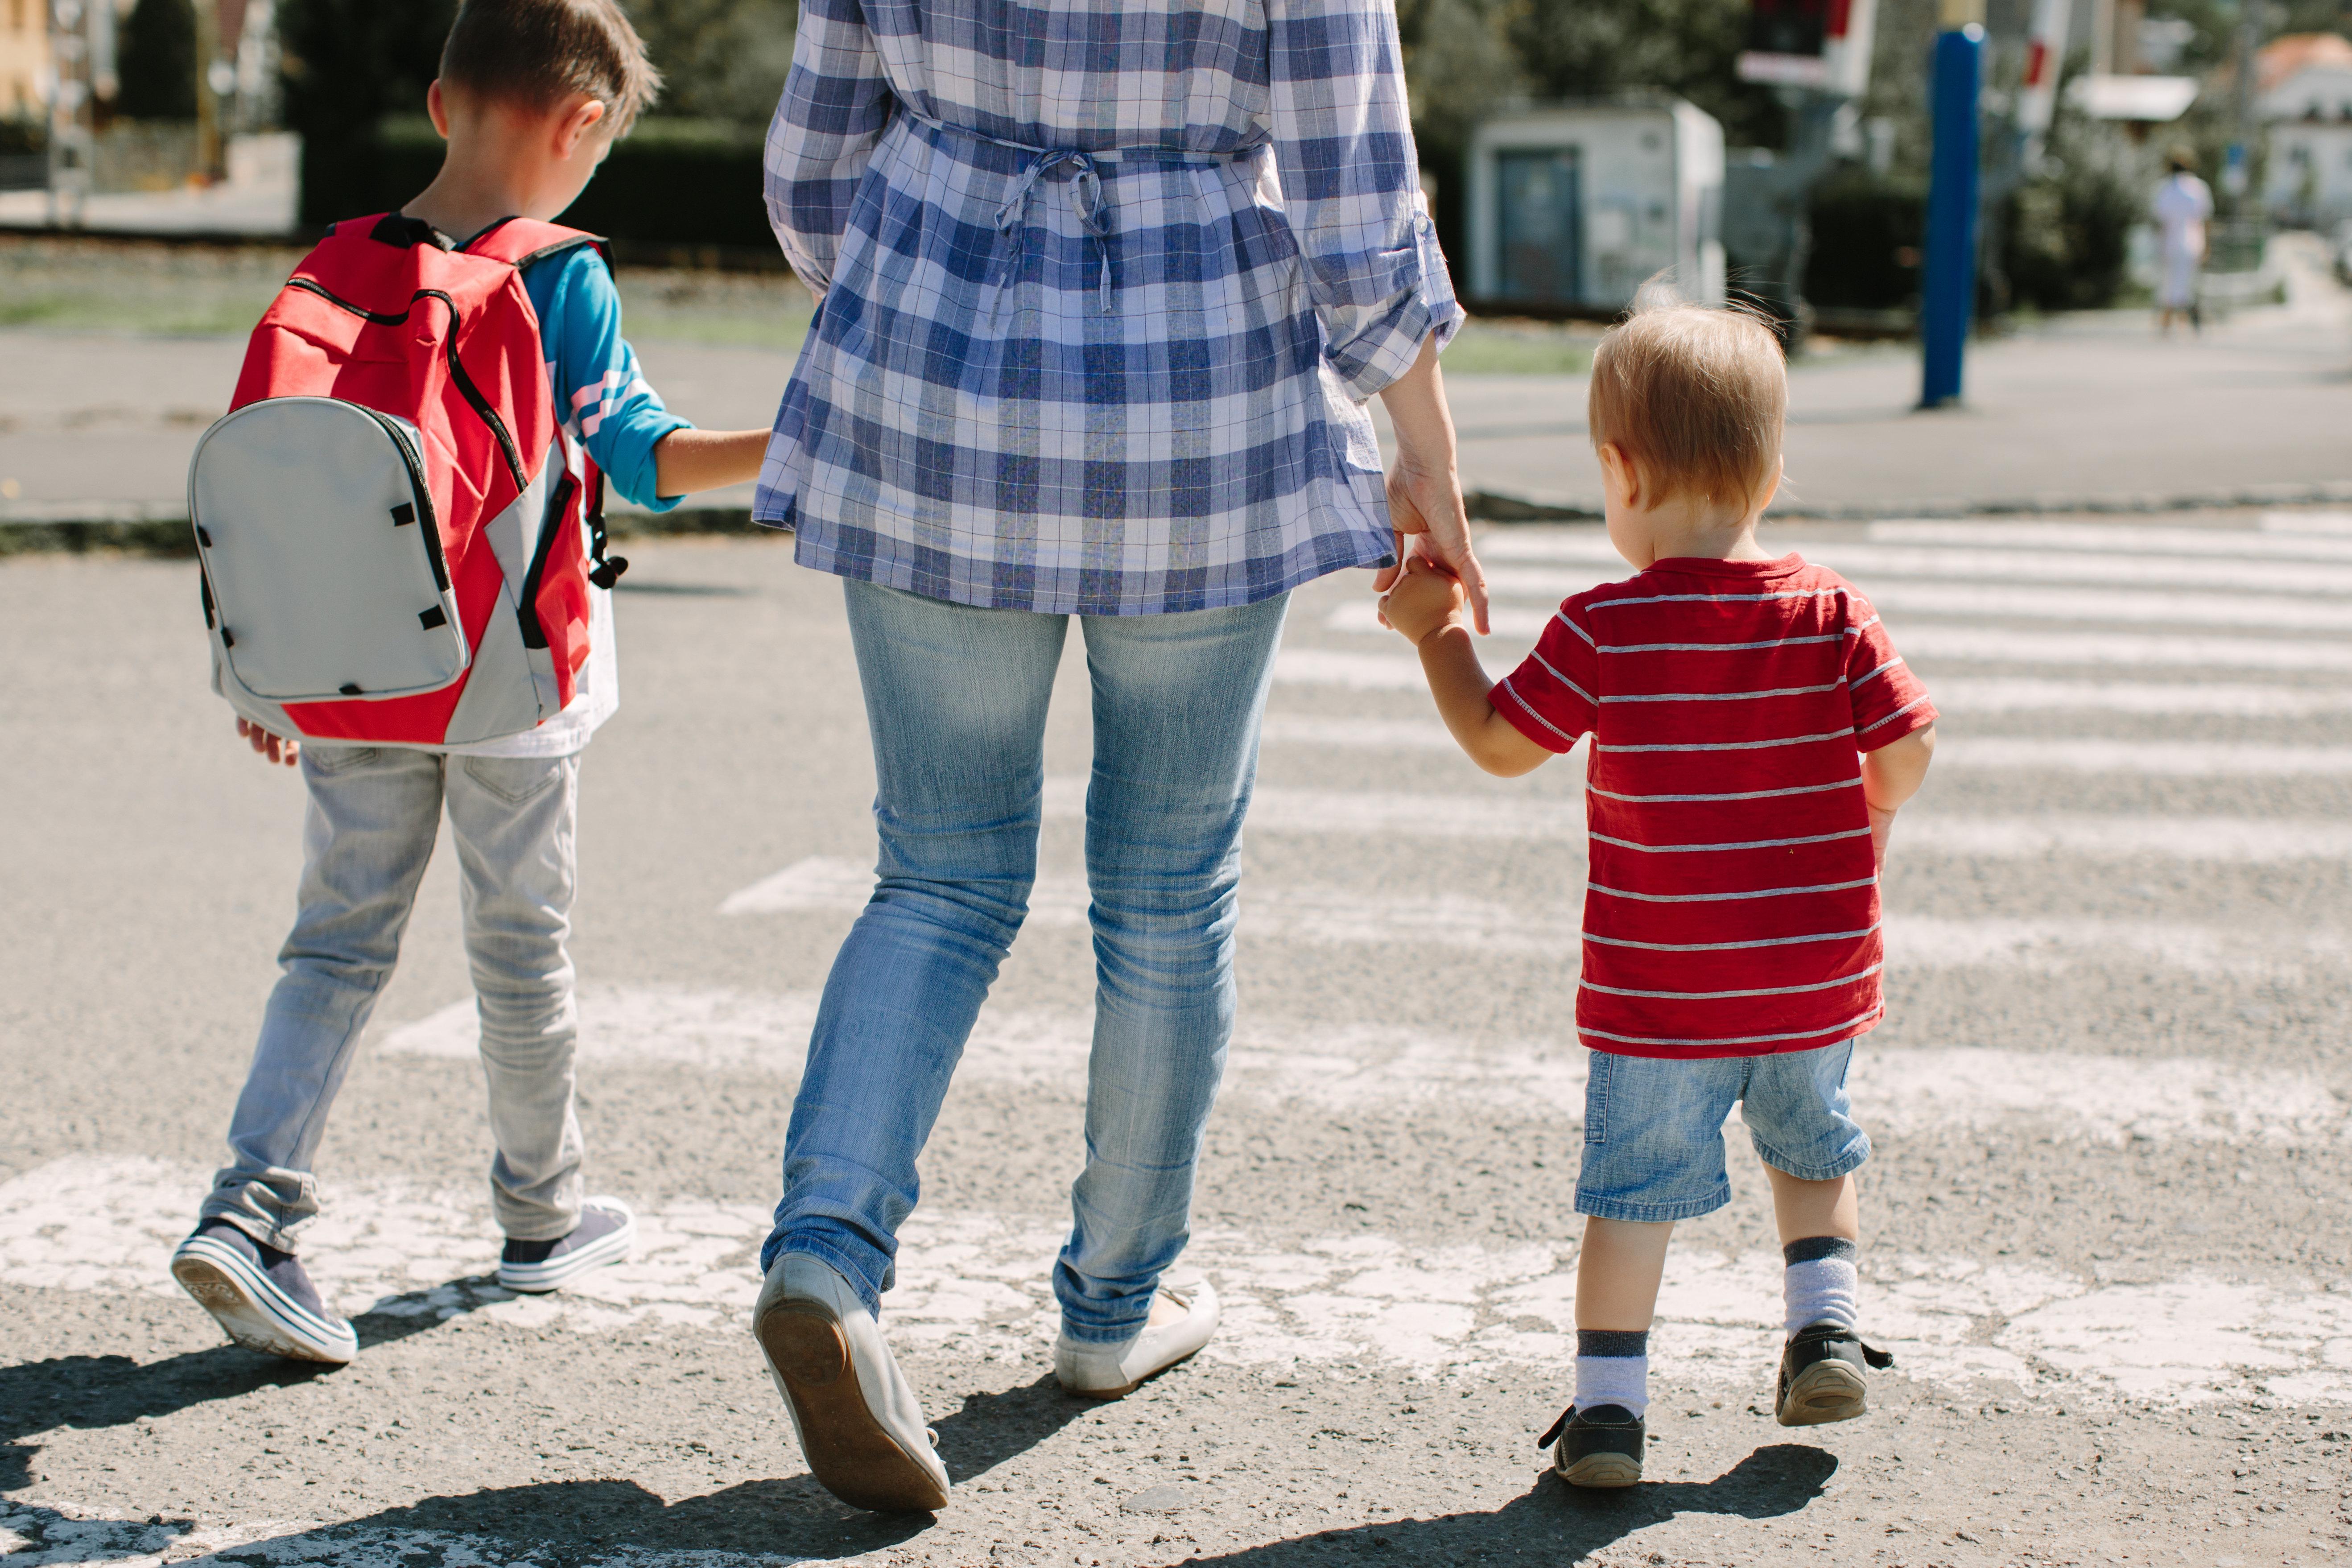 アメリカの3歳男児が突然の尿意。仕方なく駐車場でおしっこさせた妊娠中の母親、刑事責任問われる事態に